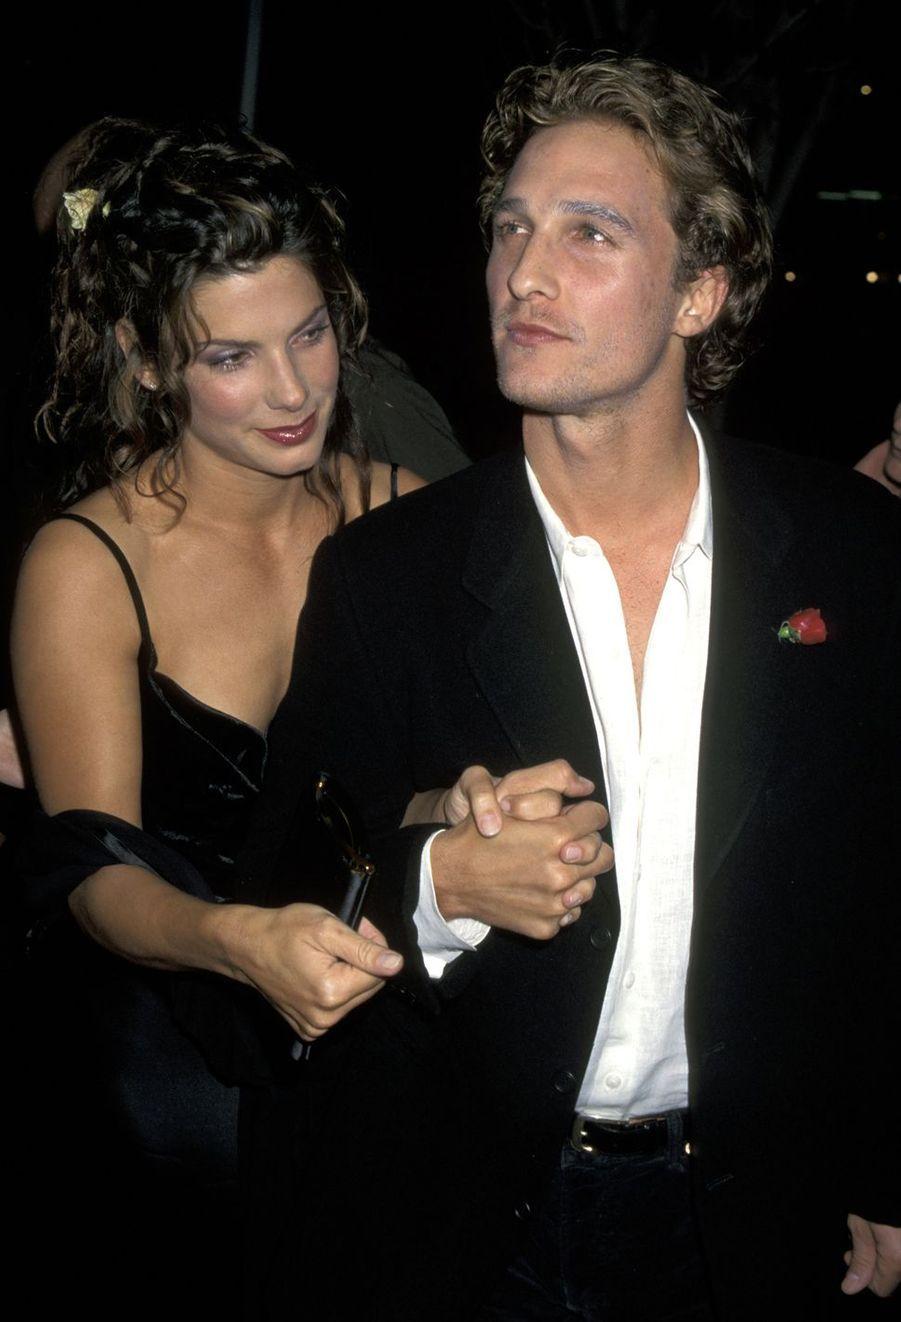 Sandra Bullock et Matthew McConaughey se sont fréquentés quelque temps au milieu des années 1990. Ils sont restés amis.